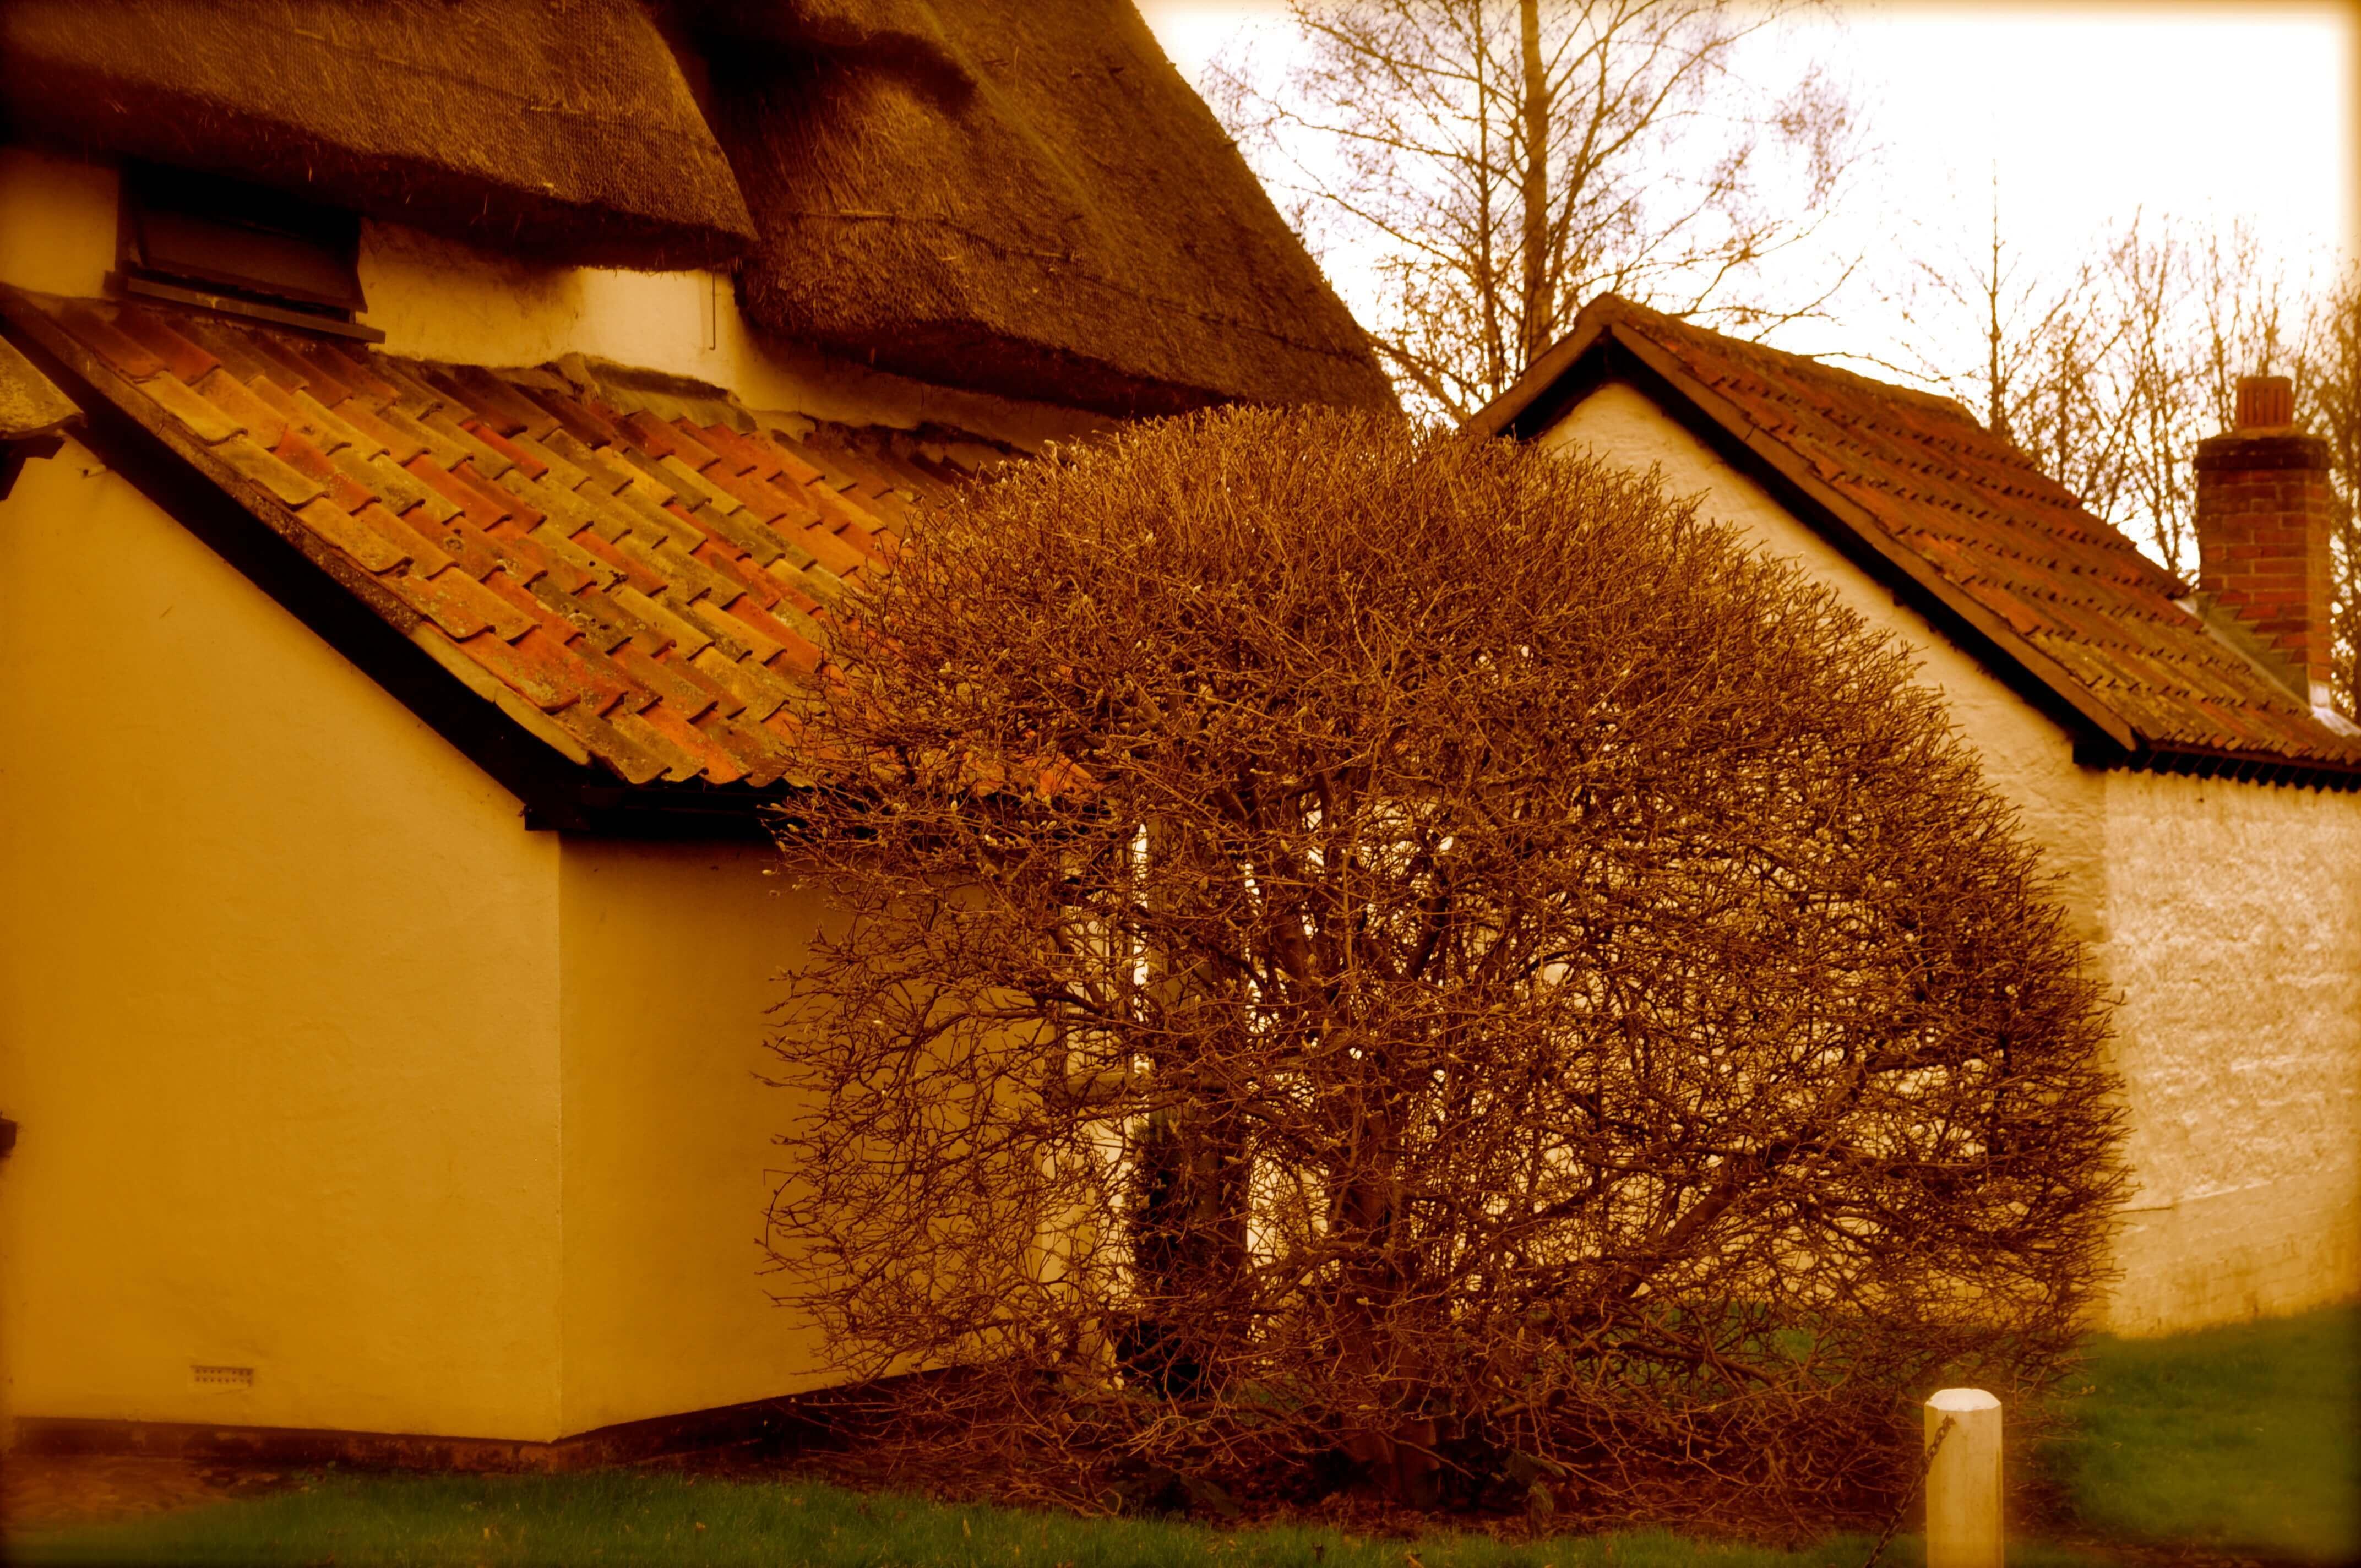 ASHWELL_village_GarytrotmanPhotoZ_007